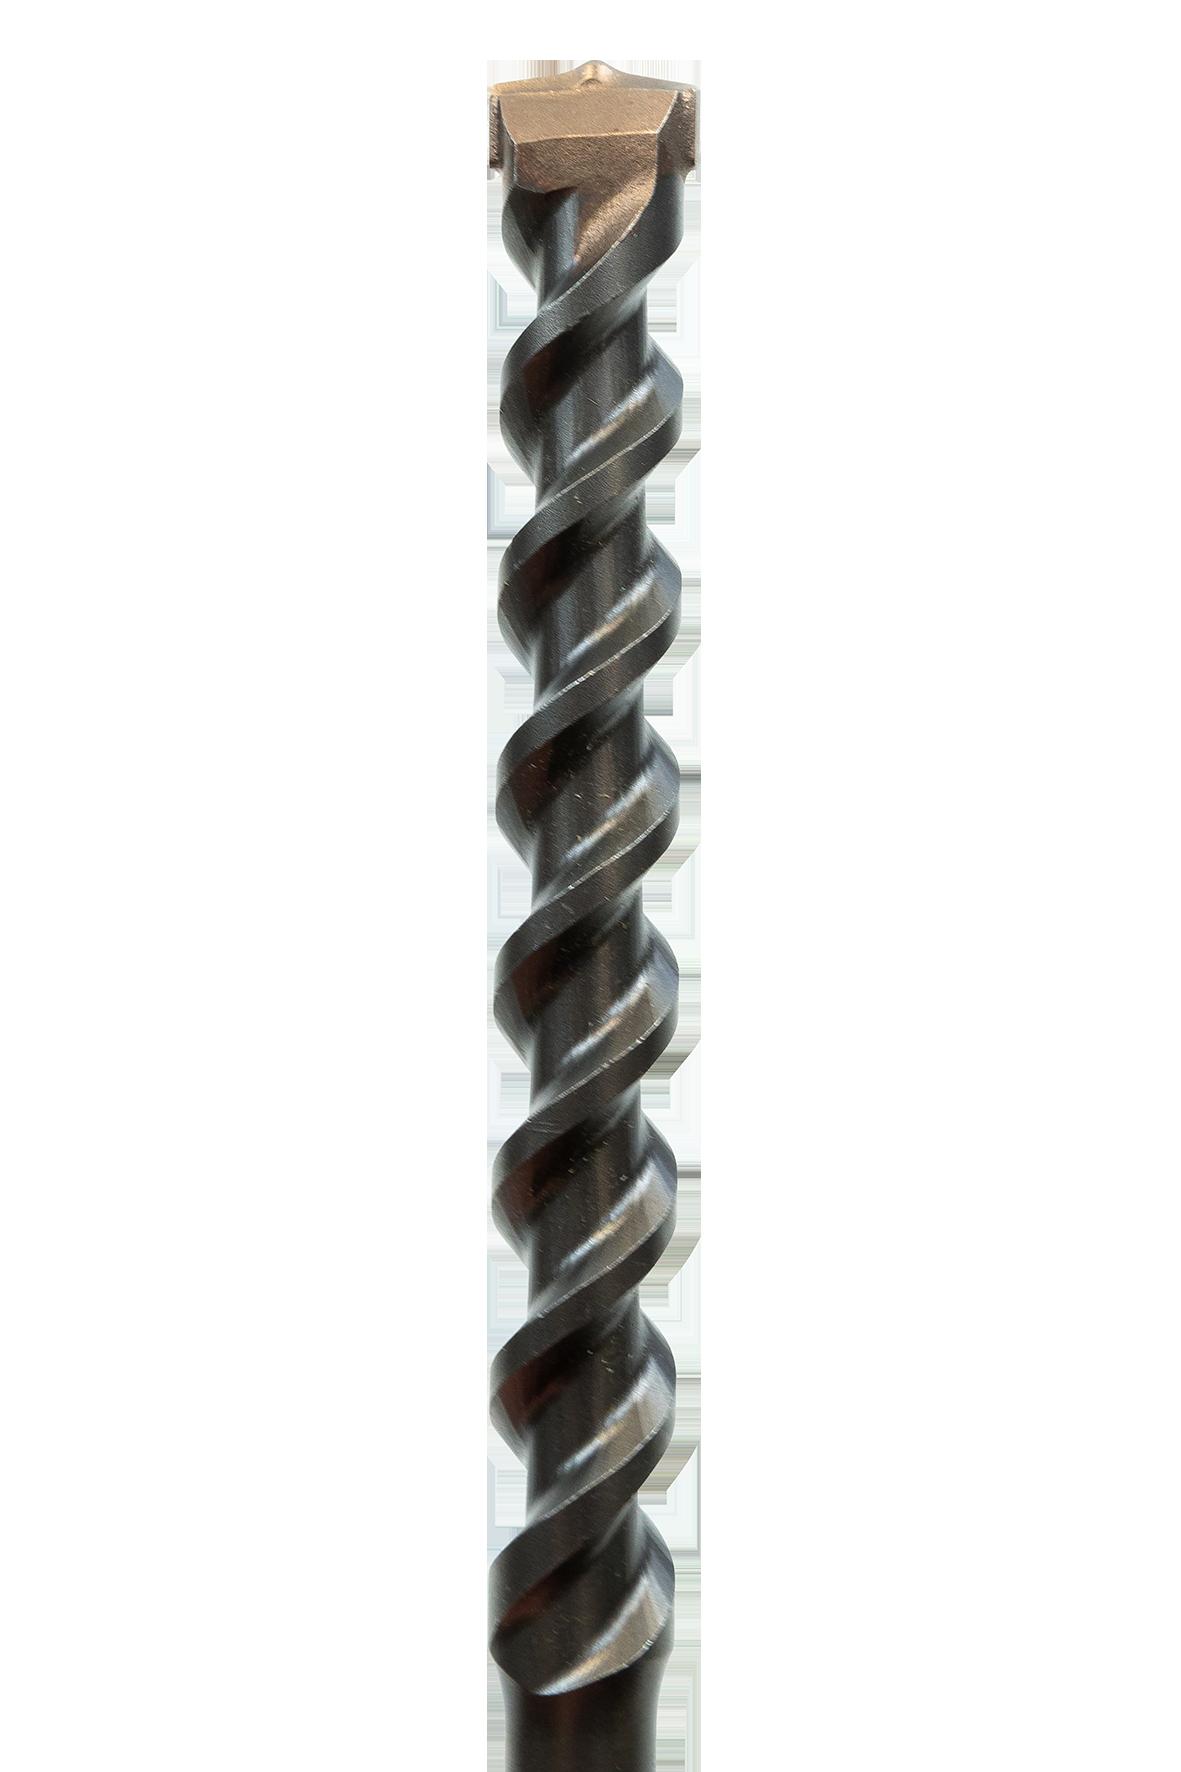 Drill Bit for Concrete SDS Max